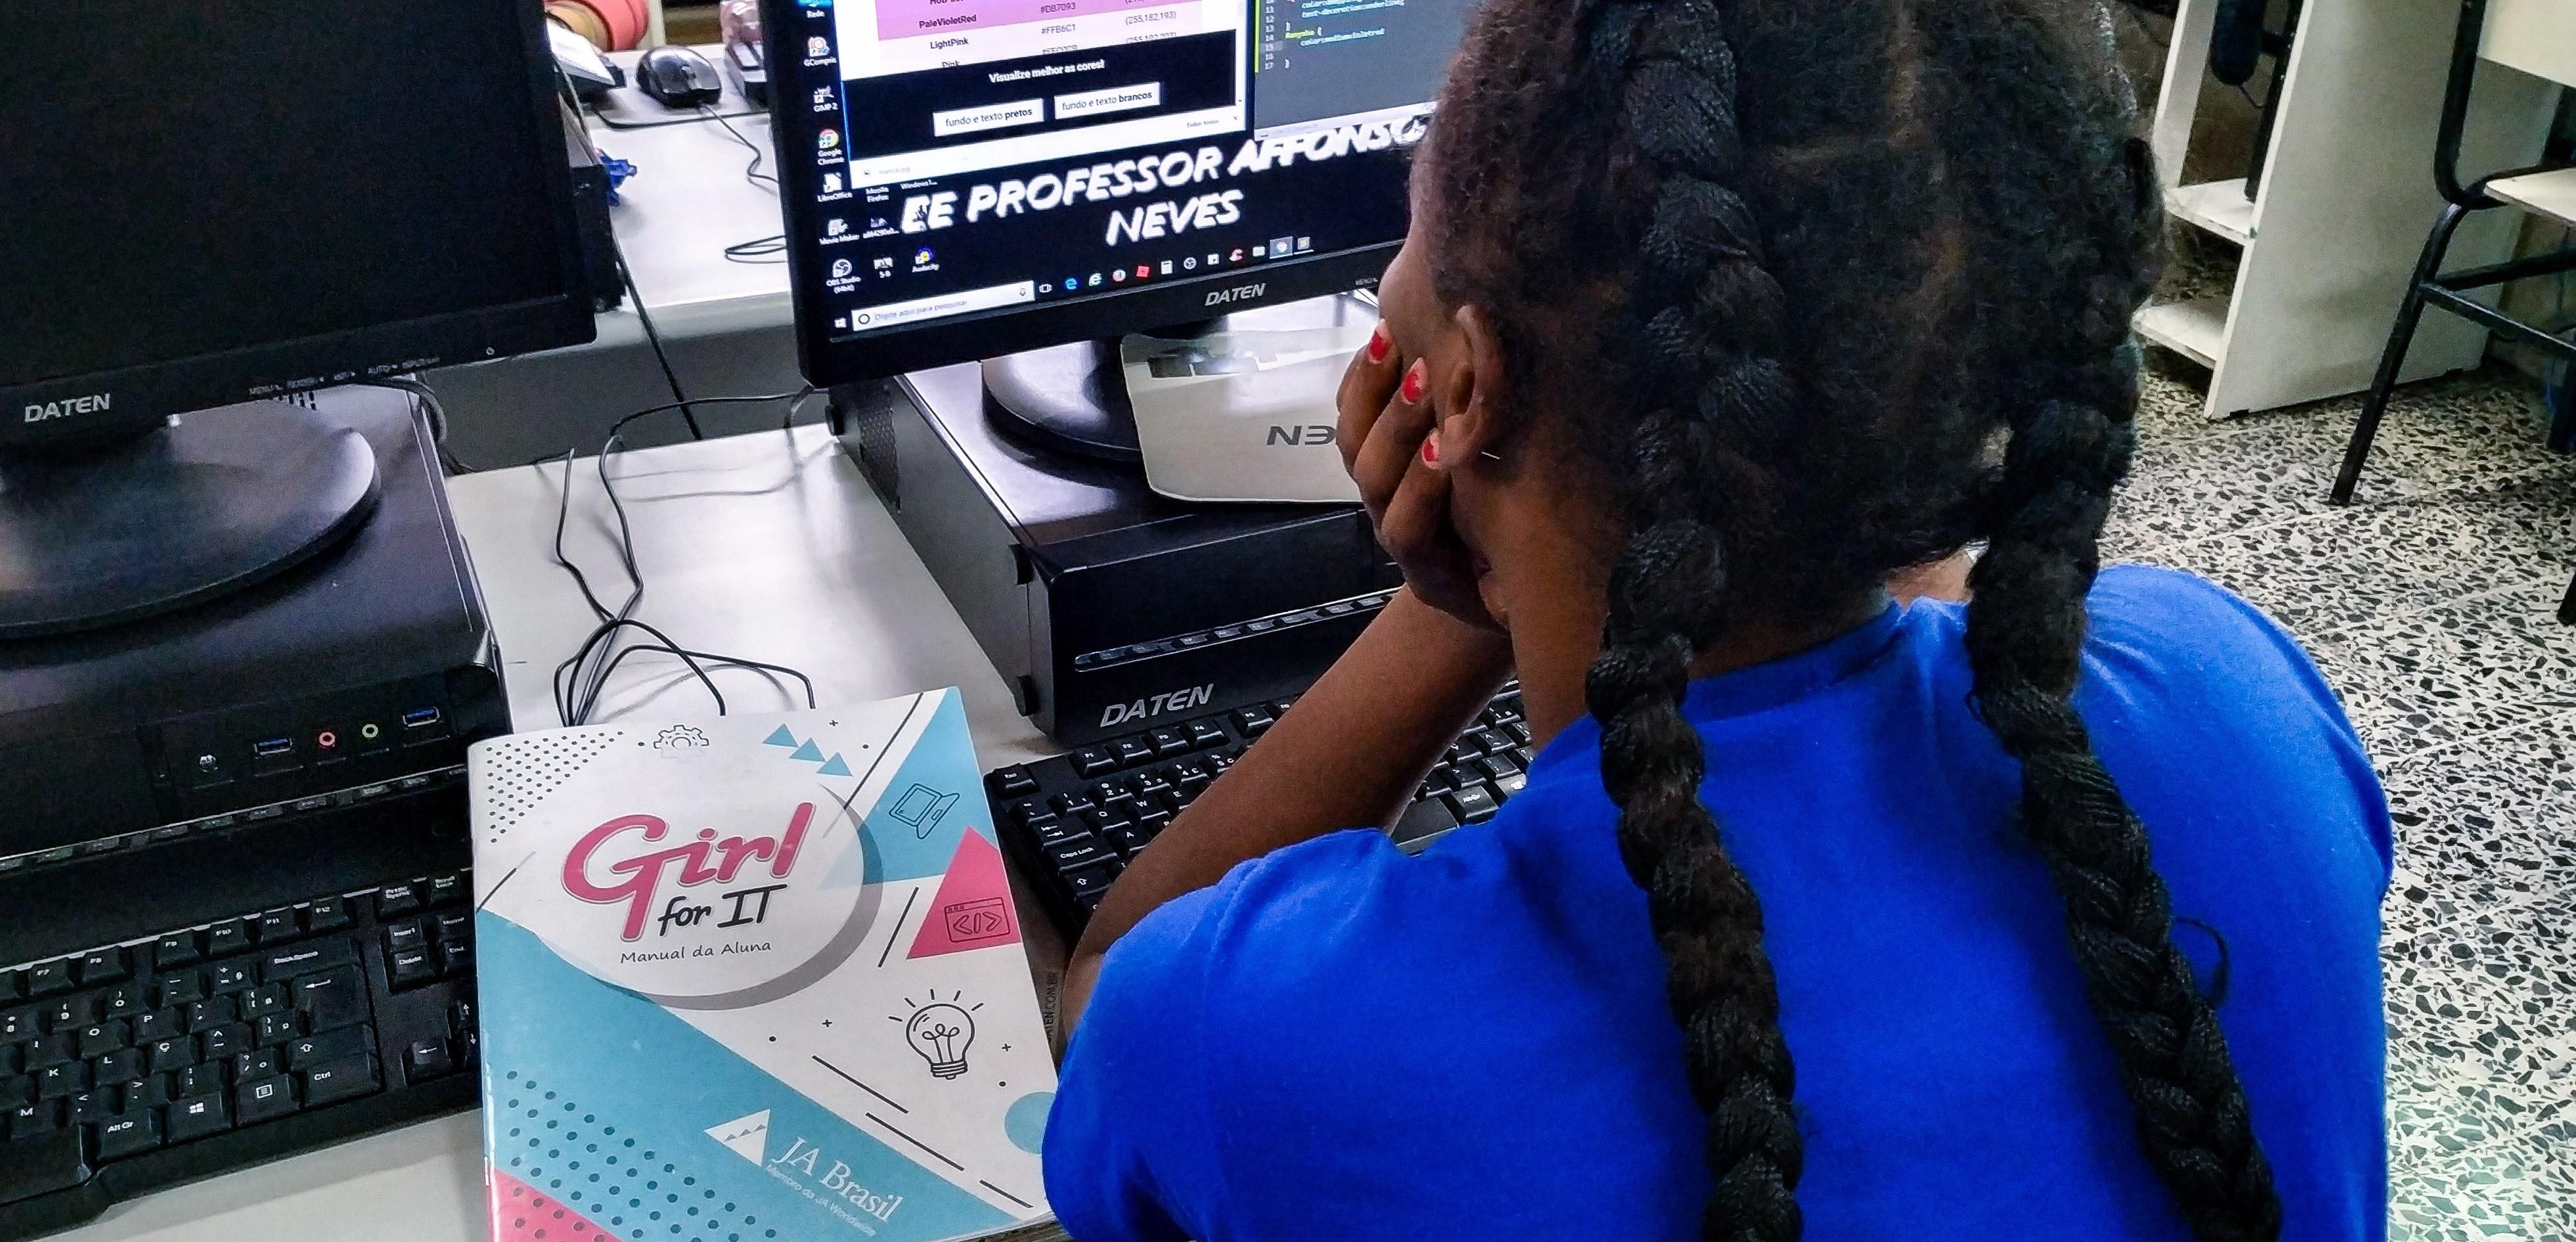 Girl For It é aplicado pela primeira vez em Minas Gerais